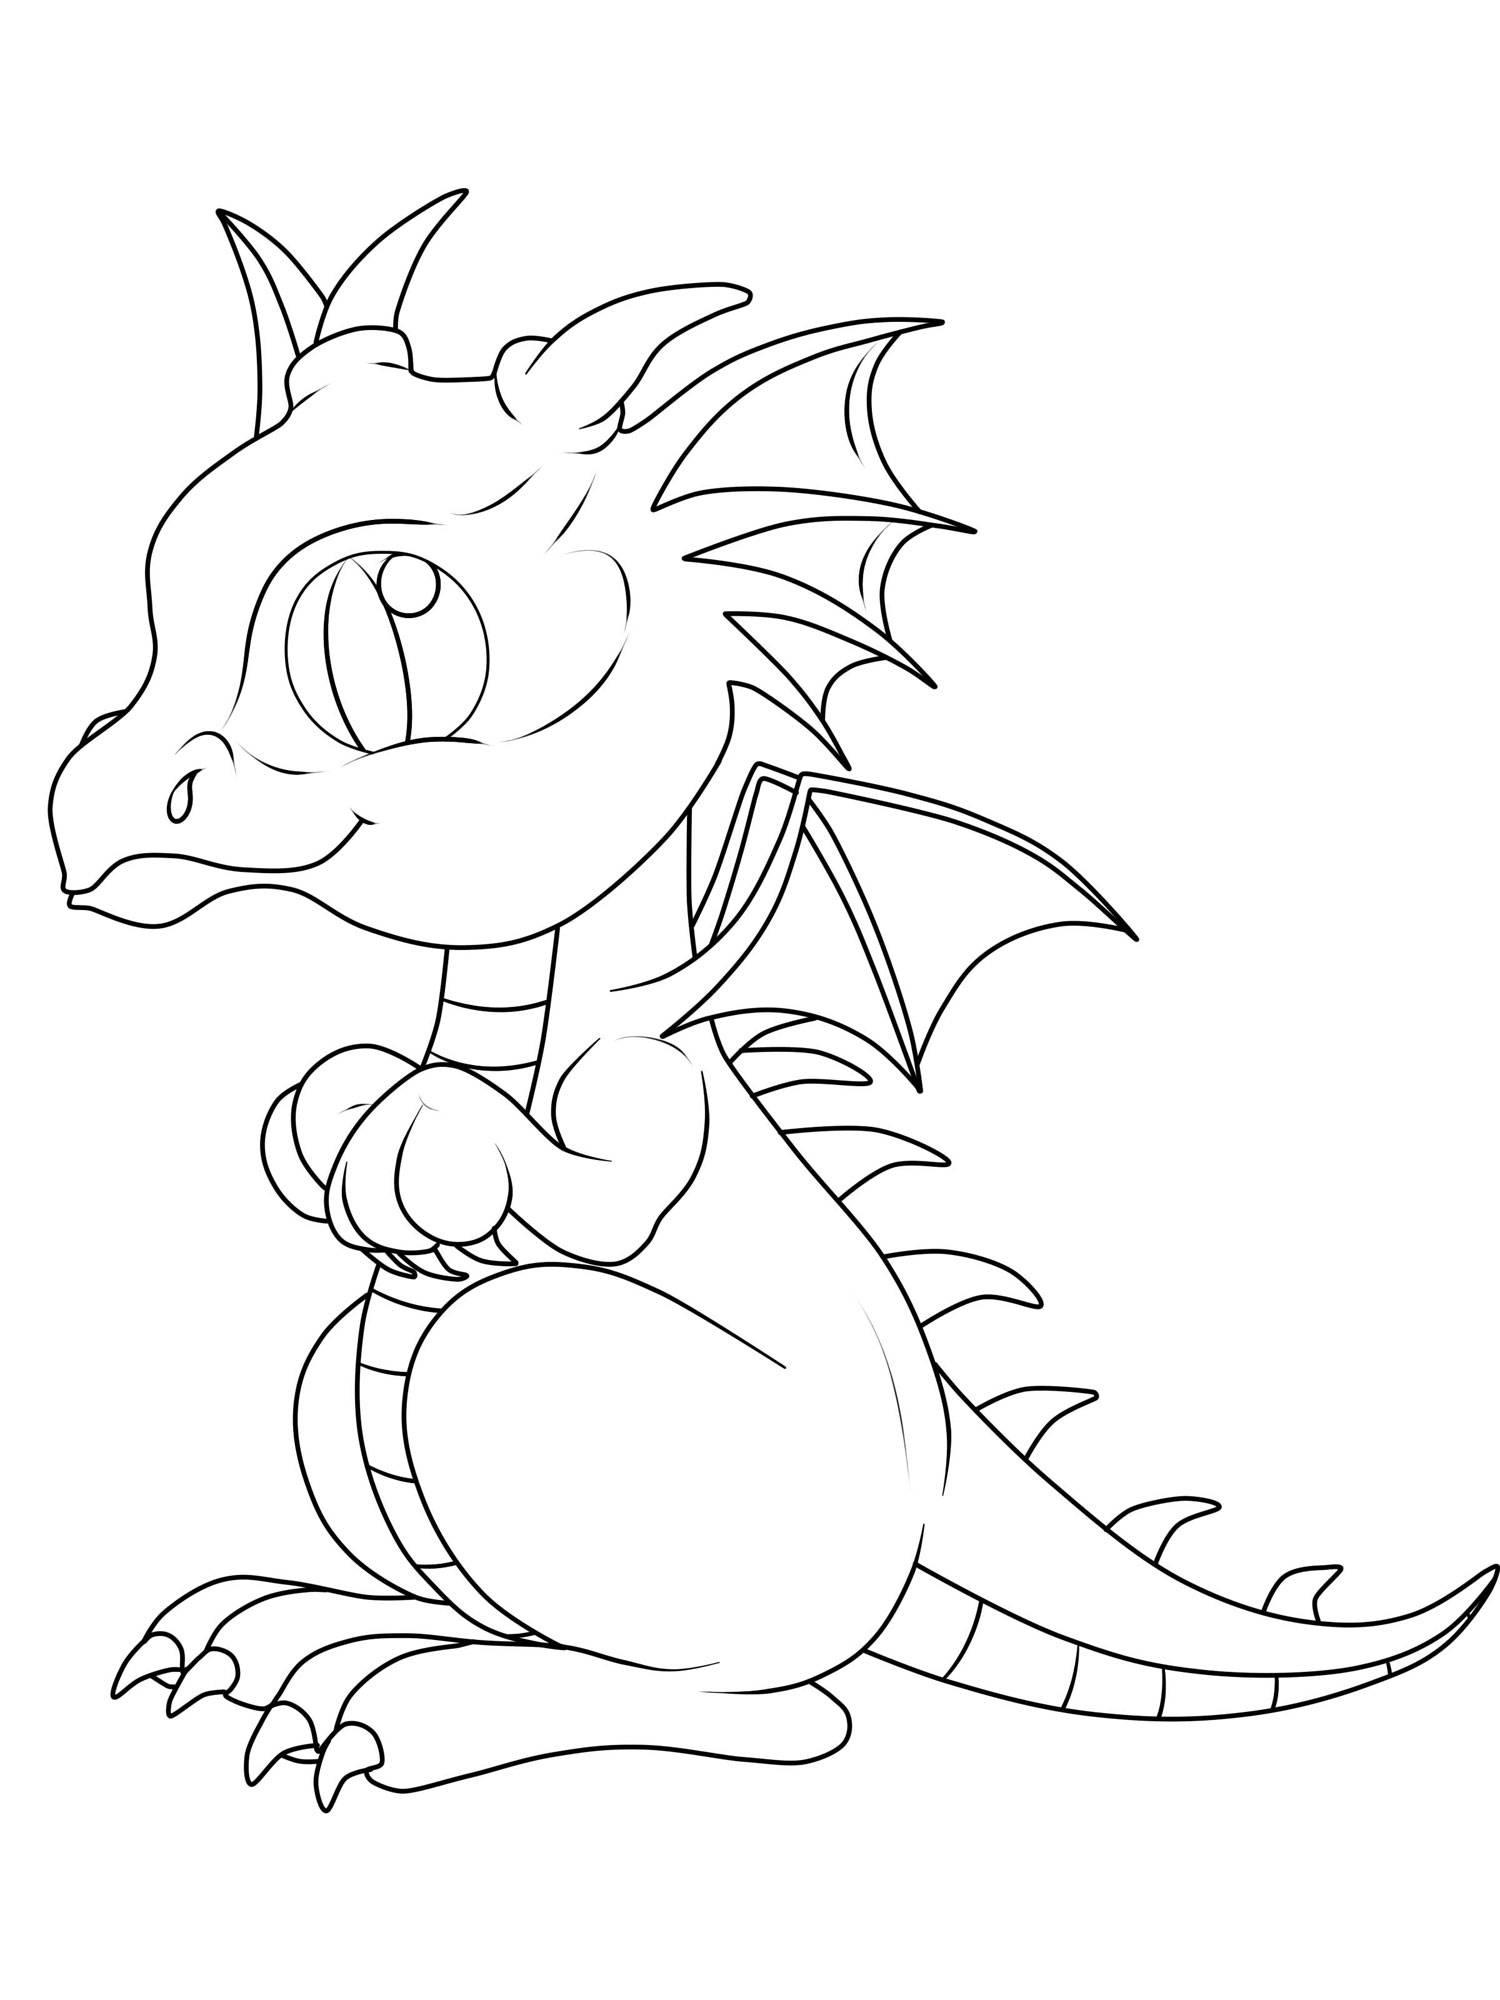 Bilder Drachen Malen Dragonsarecool Pictures Jestpic